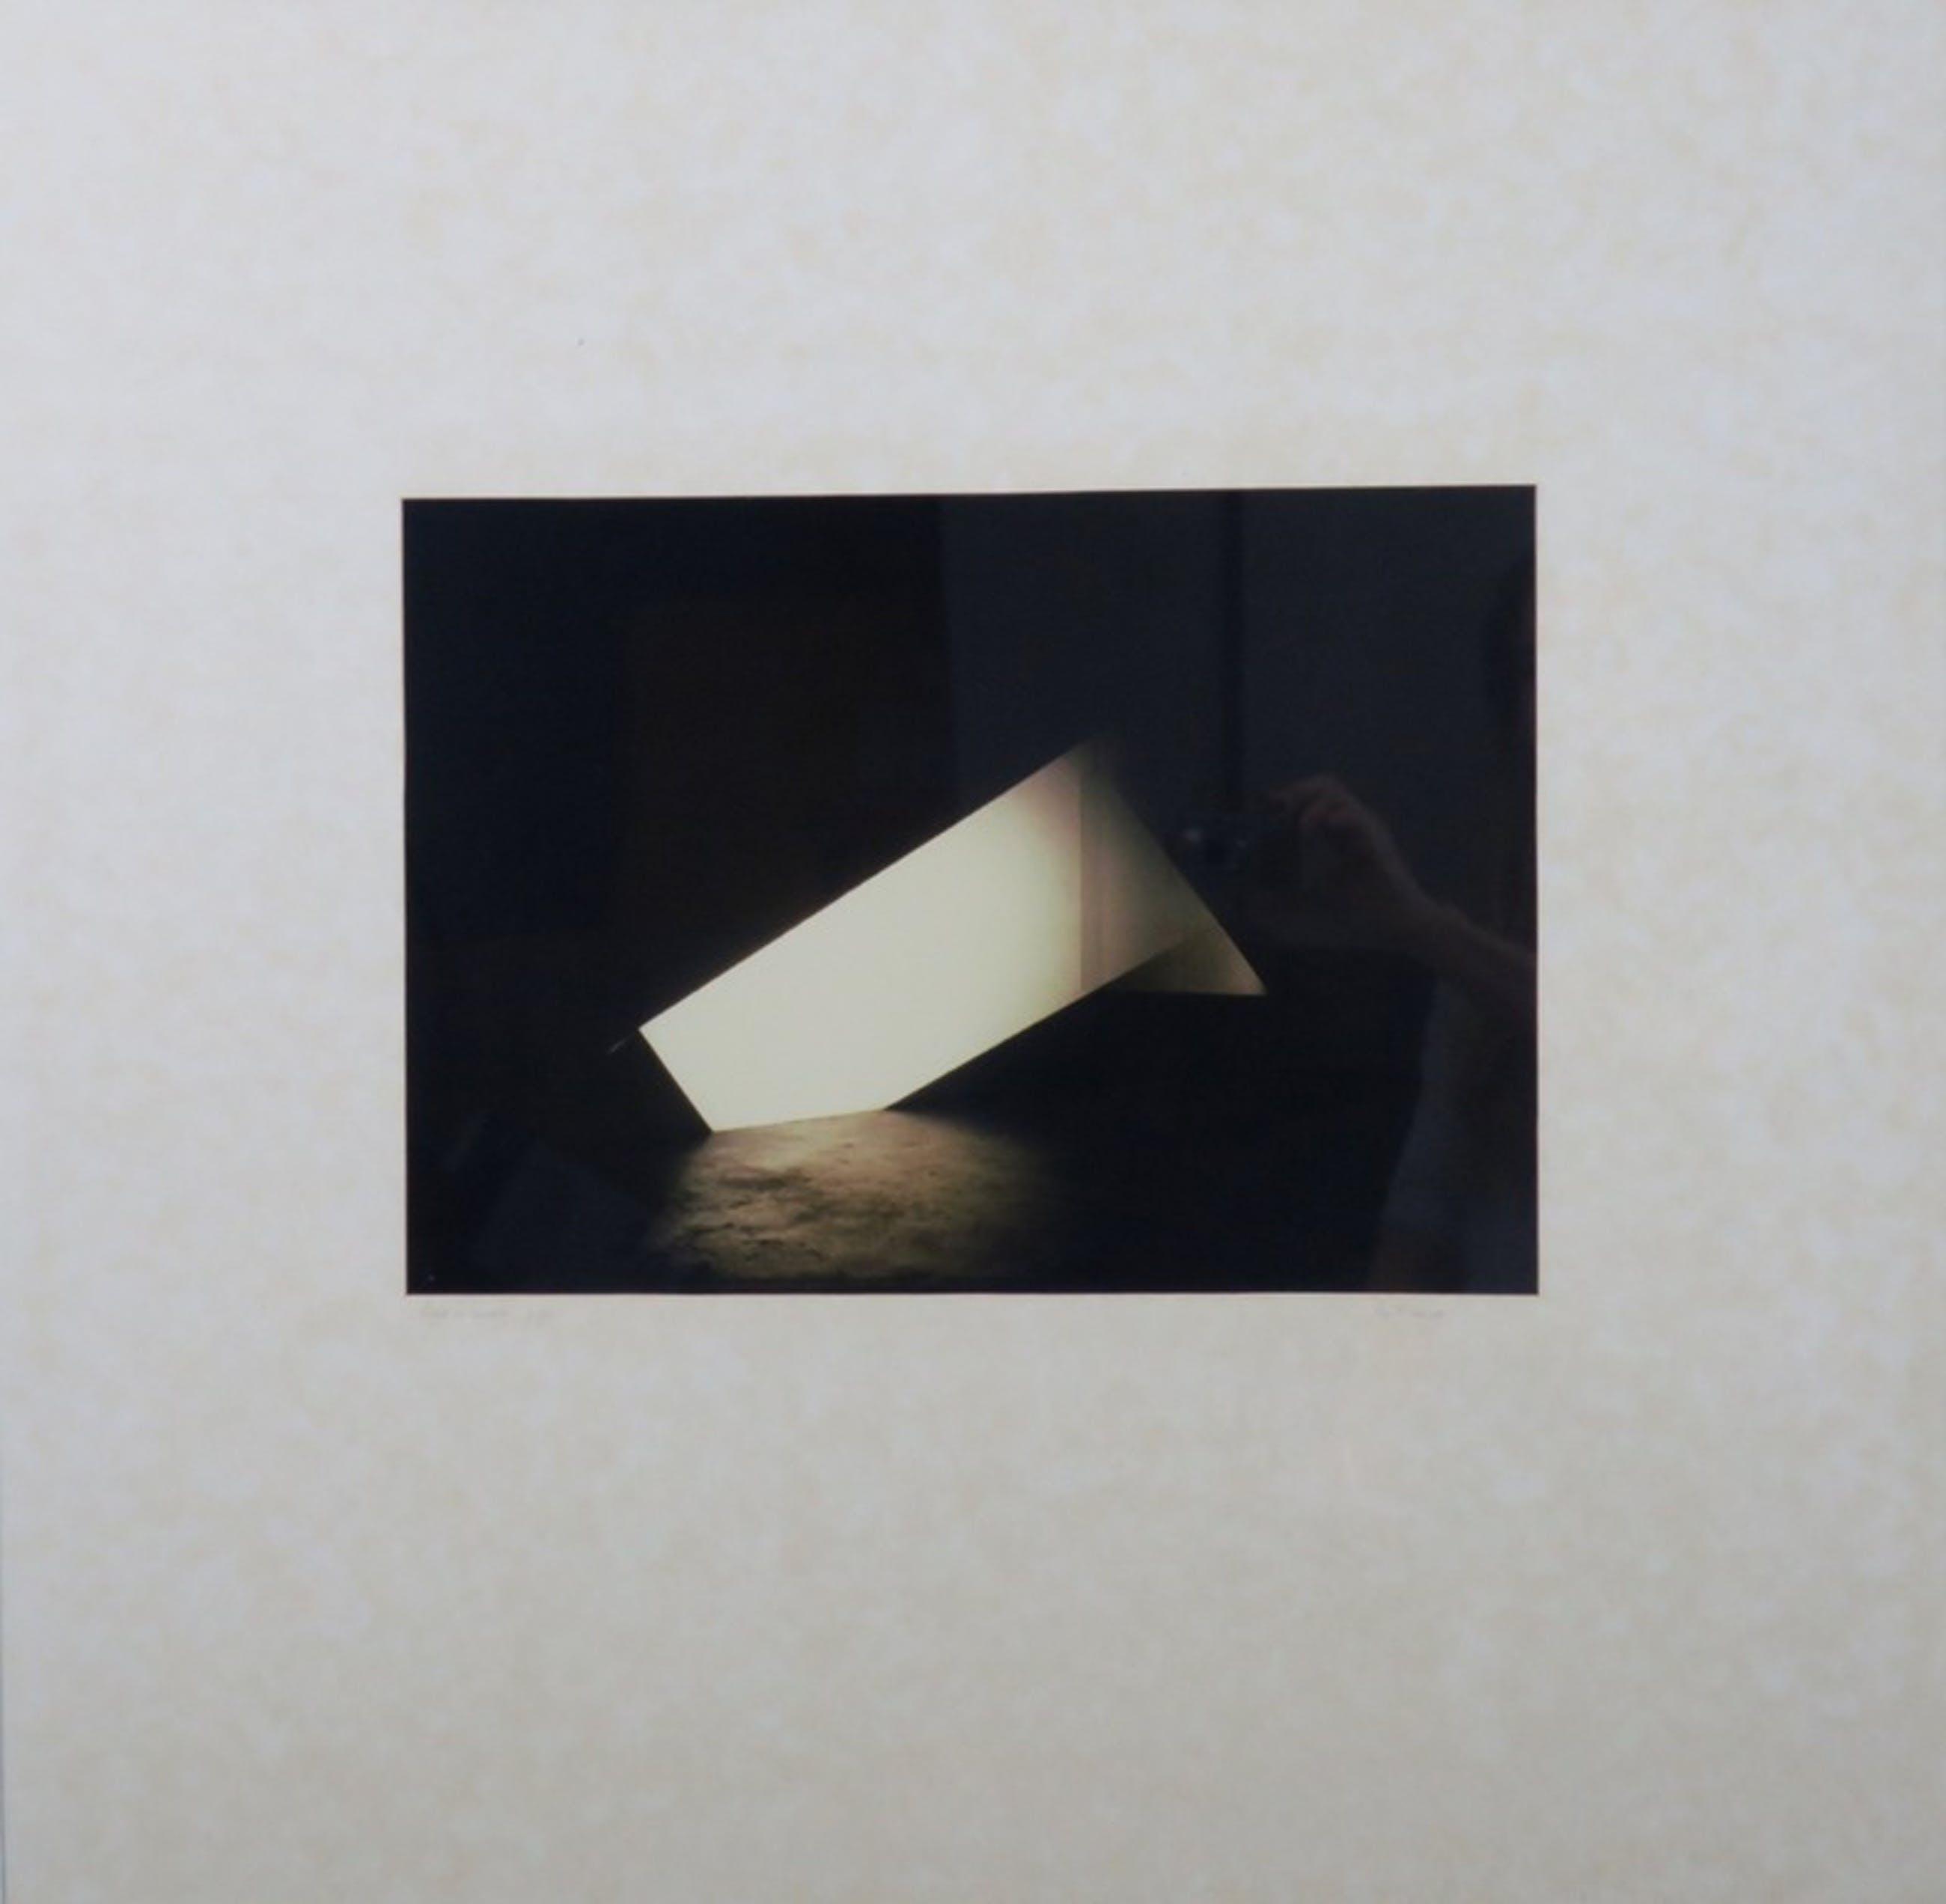 Lidy Blaauw: Foto, Licht en ruimte - Ingelijst kopen? Bied vanaf 1!